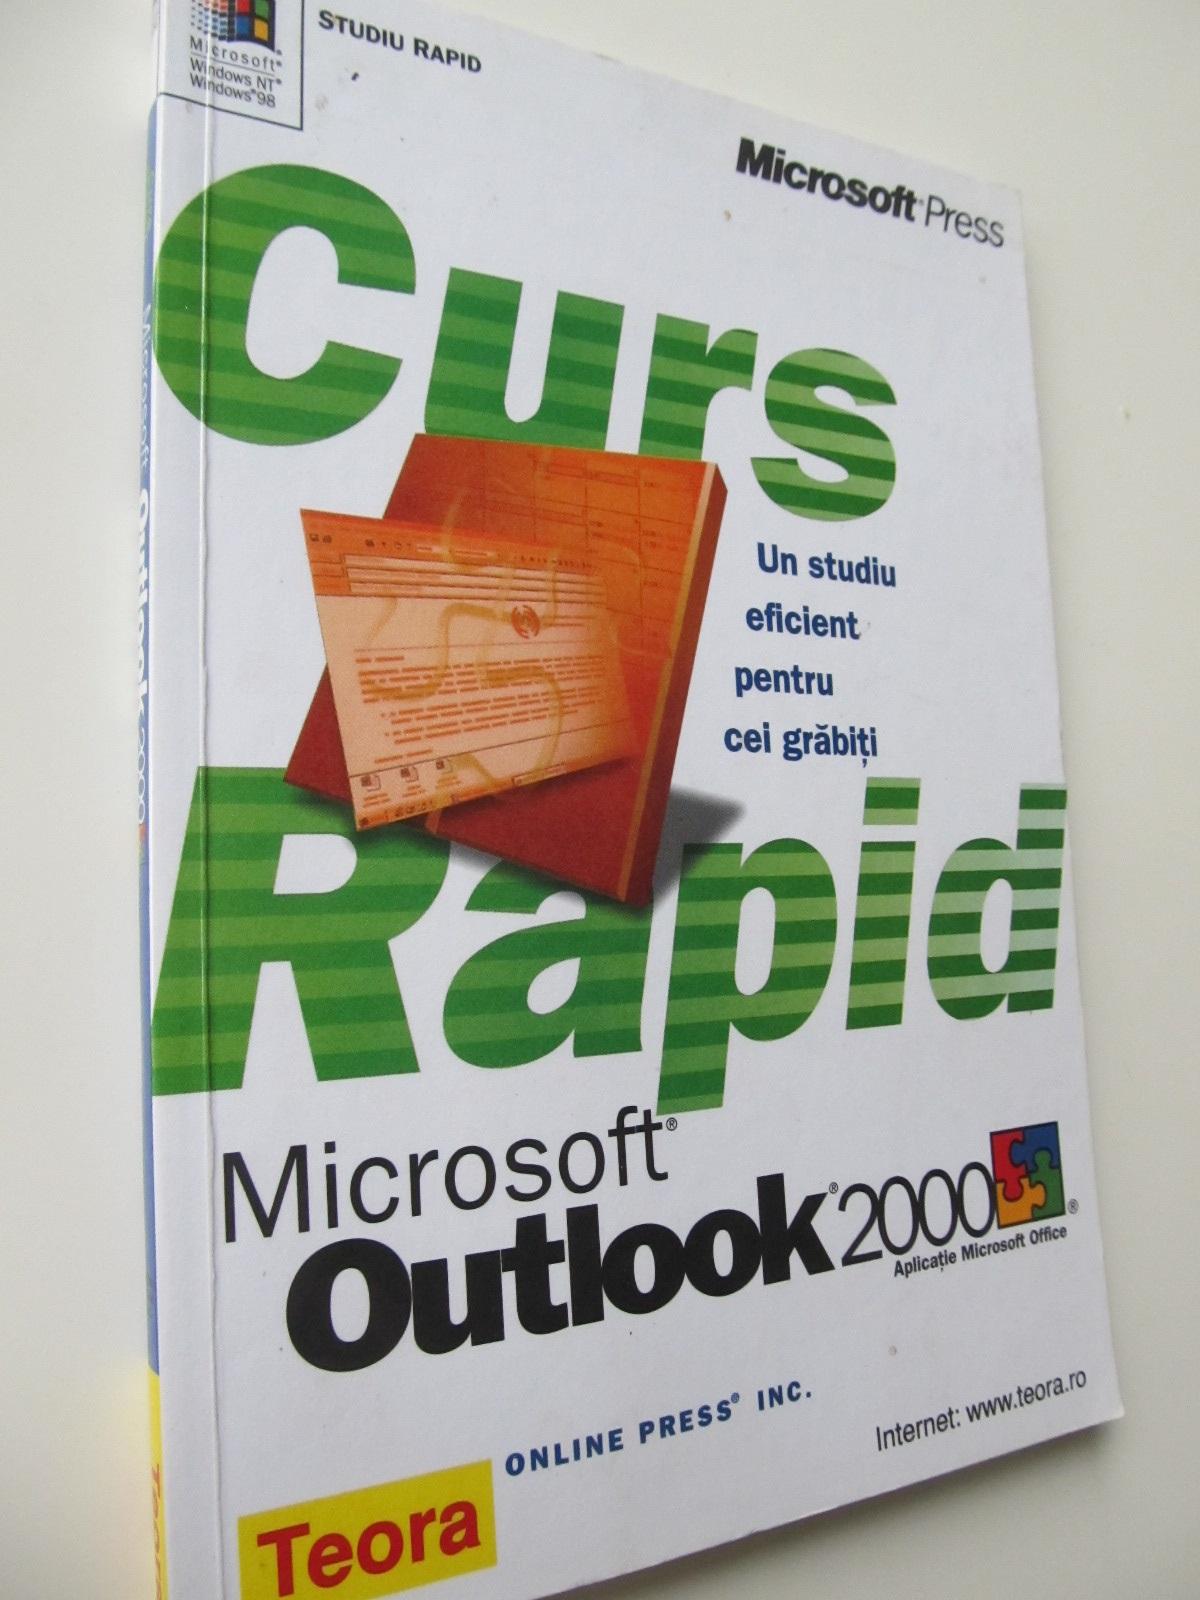 Curs rapid Microsoft Outlook2000 - *** | Detalii carte